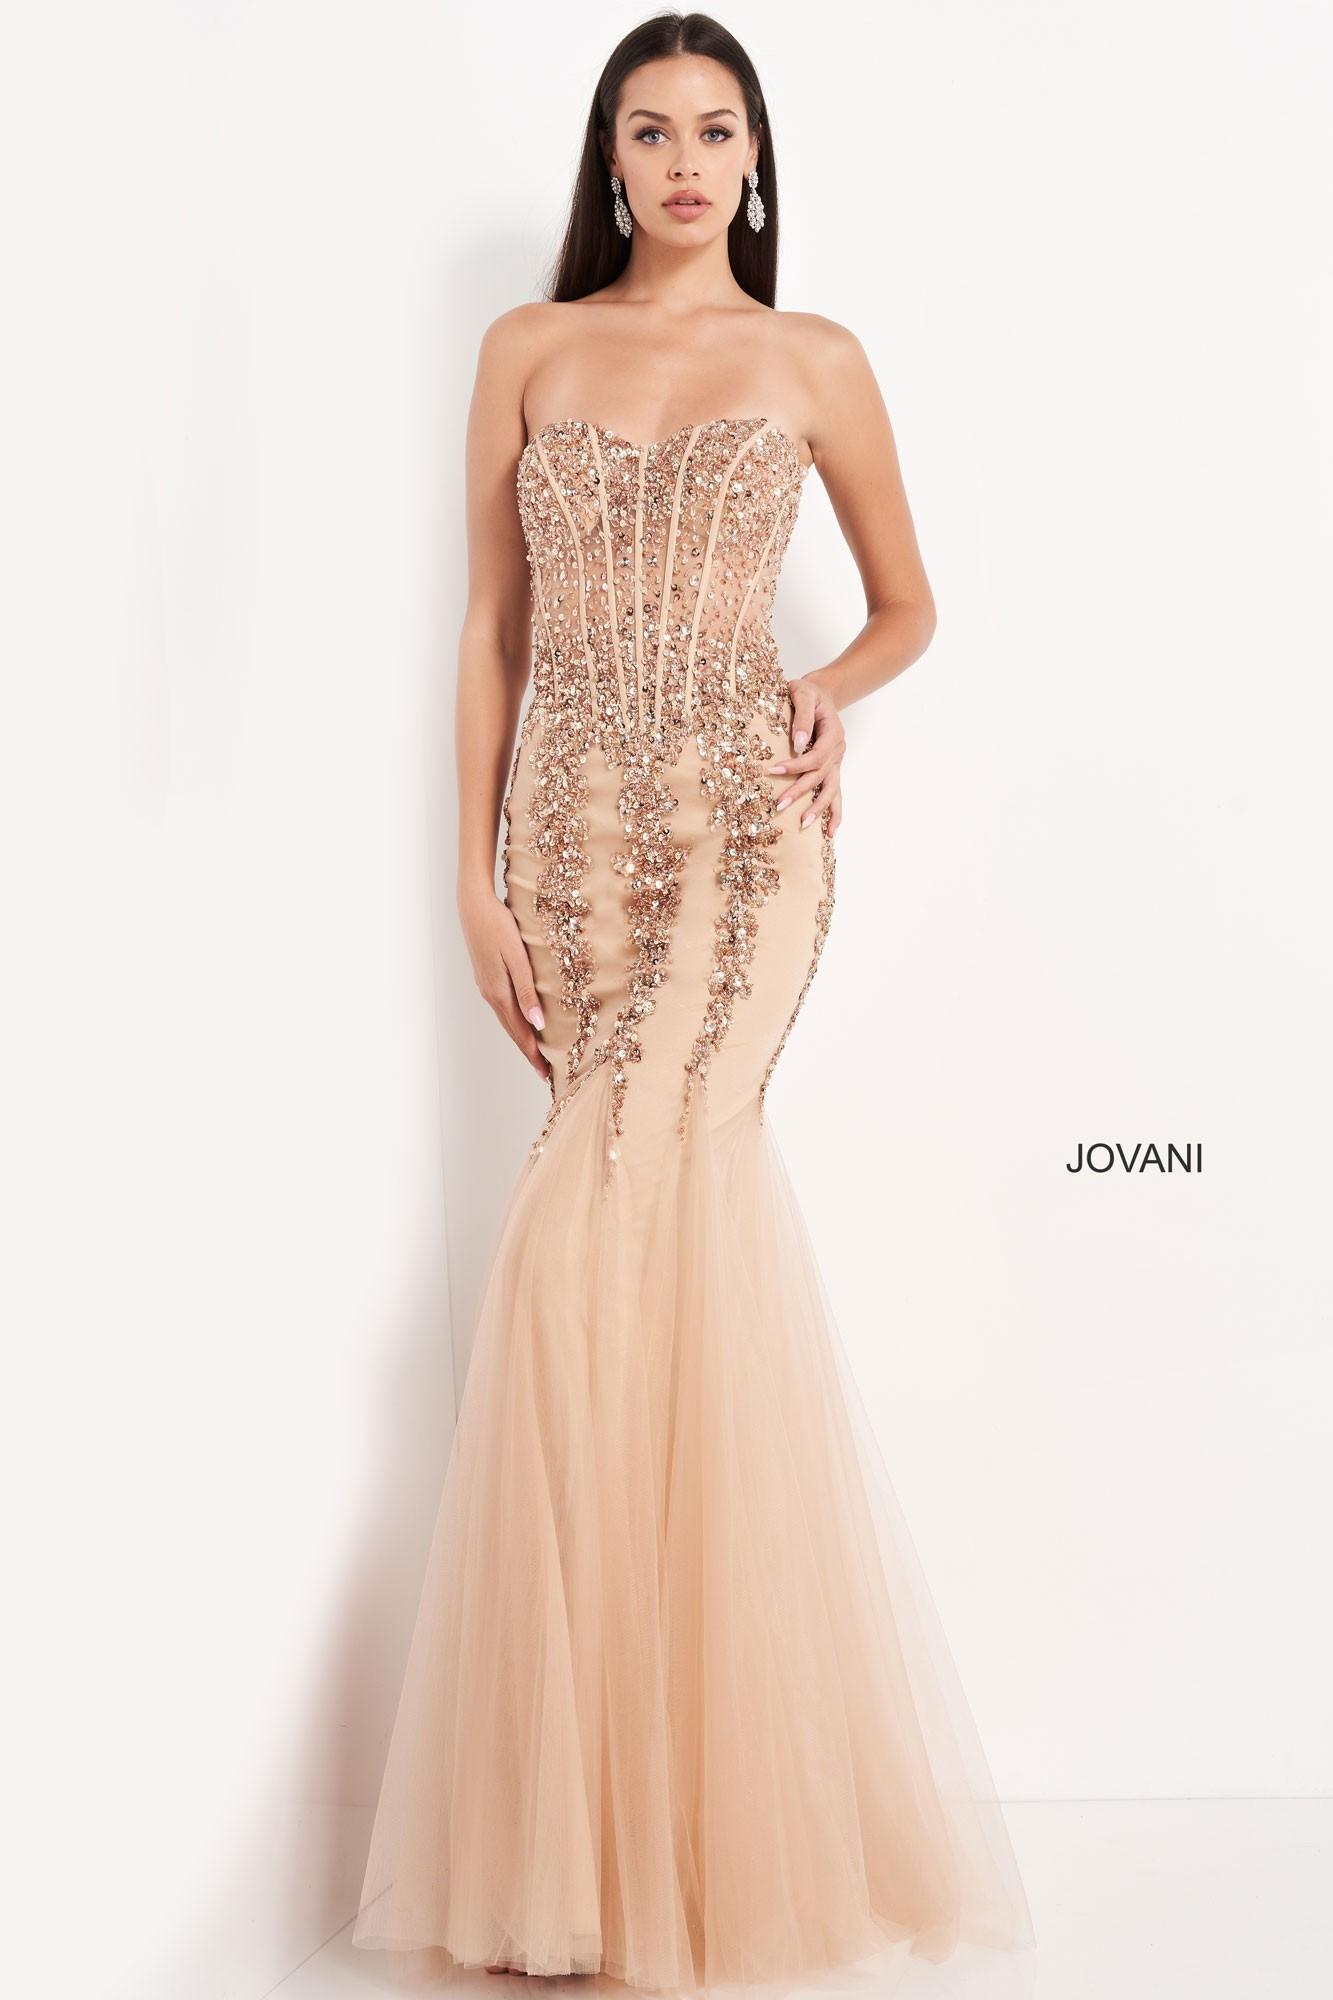 Jovani 5908 Beaded Mermaid Dress